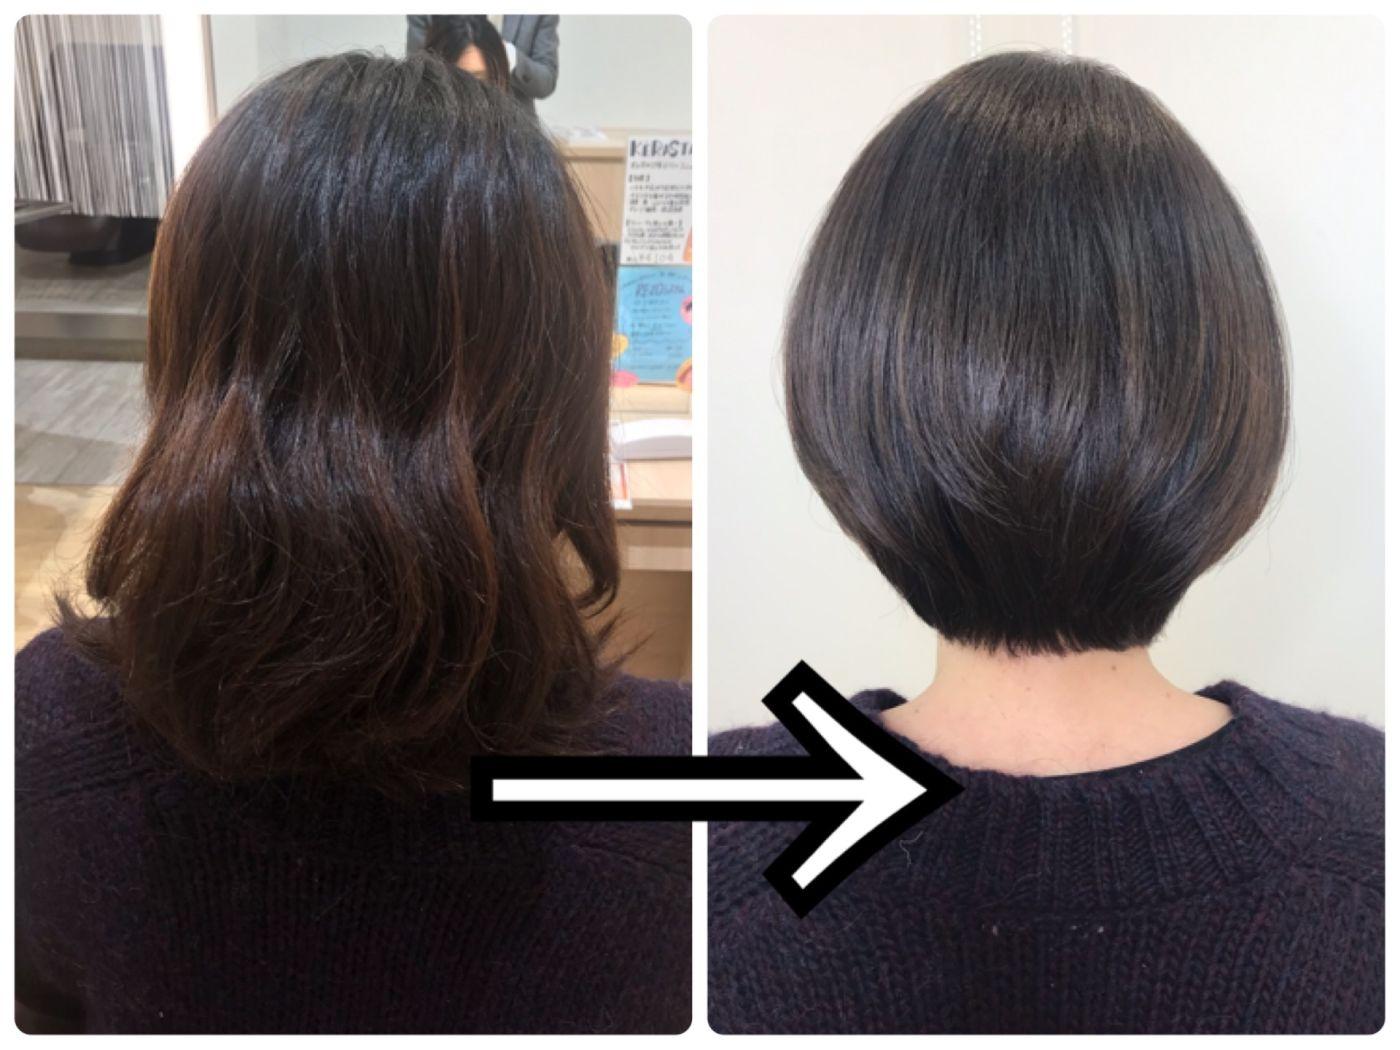 そんな方に必見メニュー『髪質改善チューニング』すごい